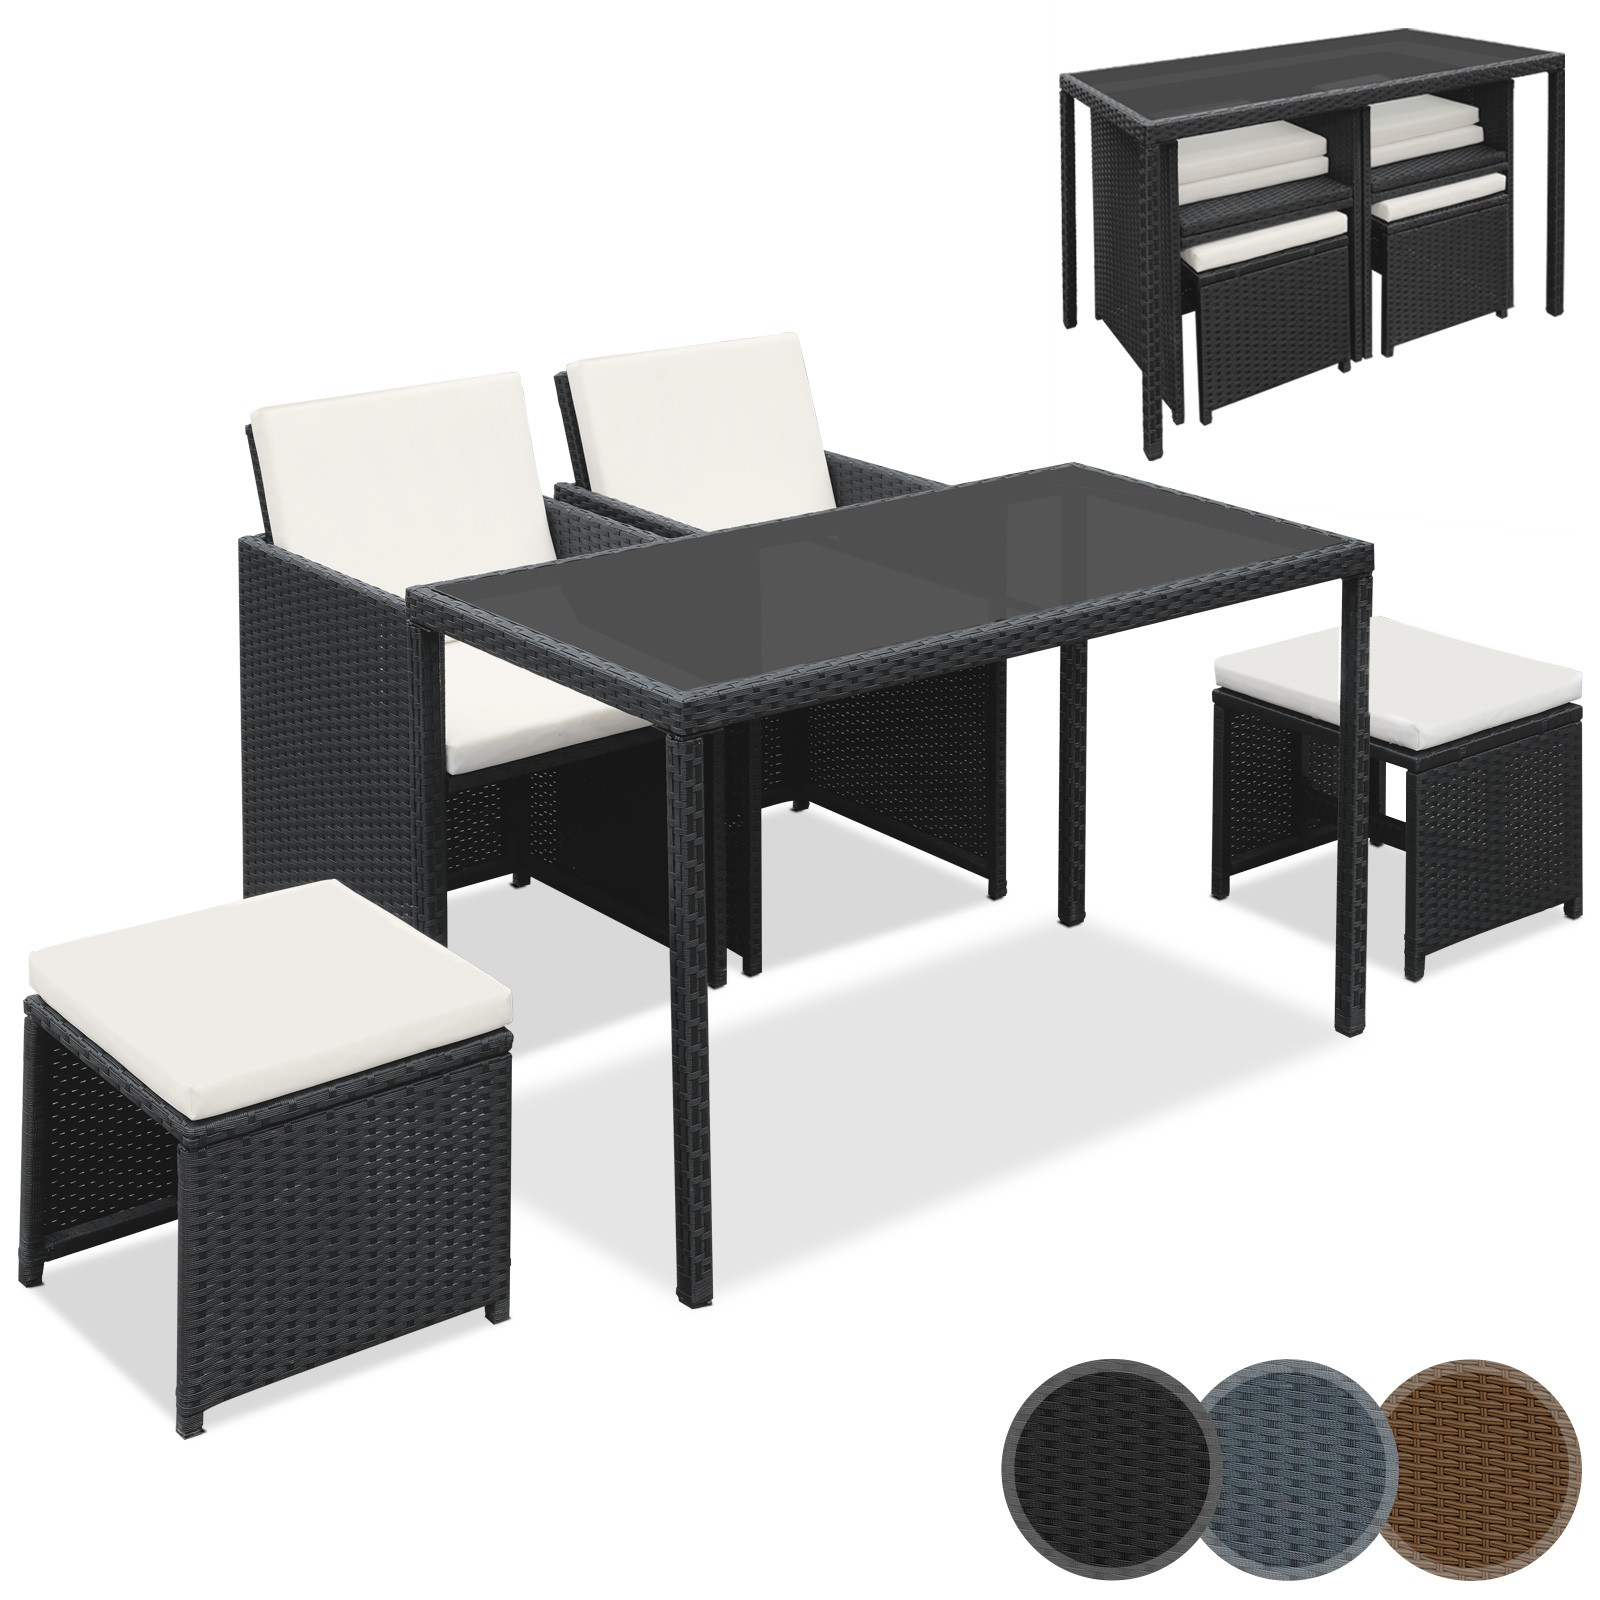 Polyrattan Essgruppe Mit Glas Tischplatte 5 Teilig Sitzgruppe Gartenmöbel  In Der Farbe Ihrer Wahl